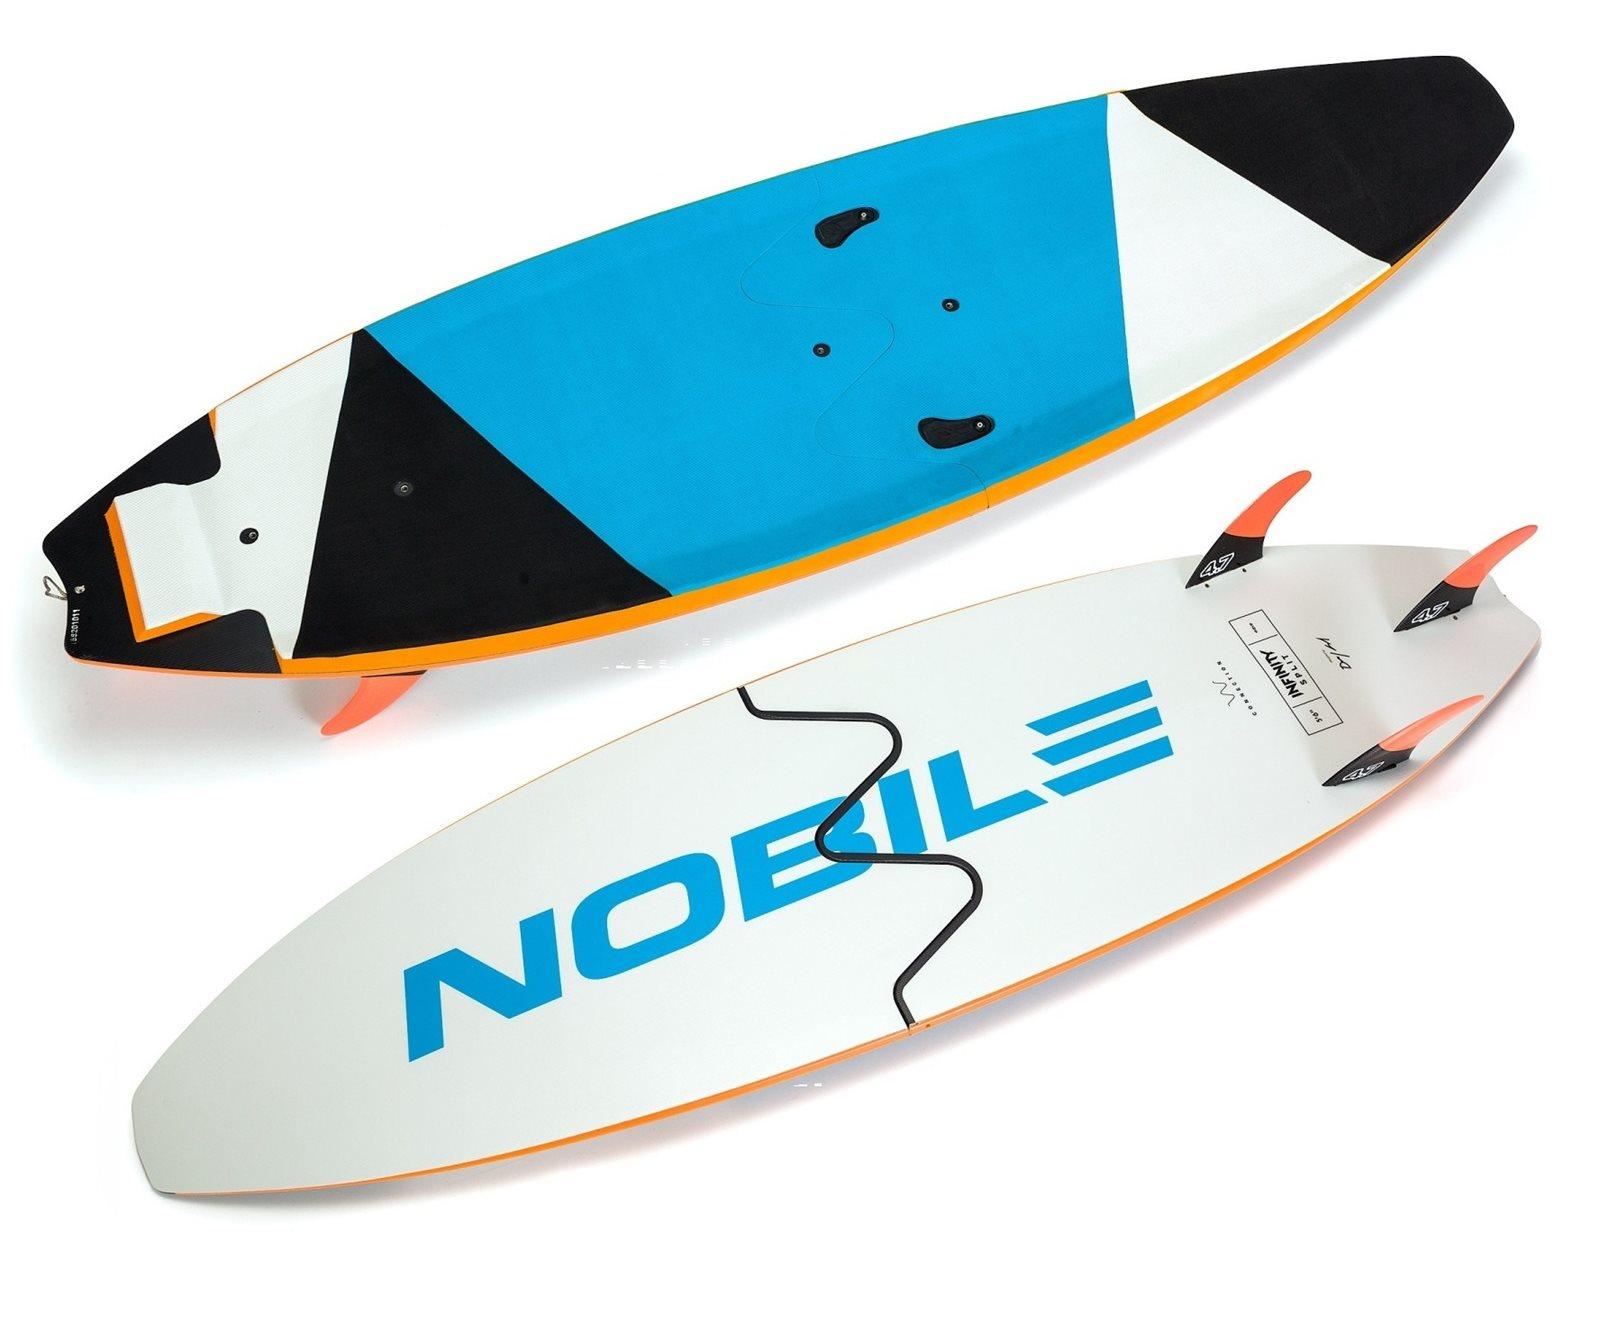 kite-surf-board 2021 NOBILE Infinity Split - 5'6